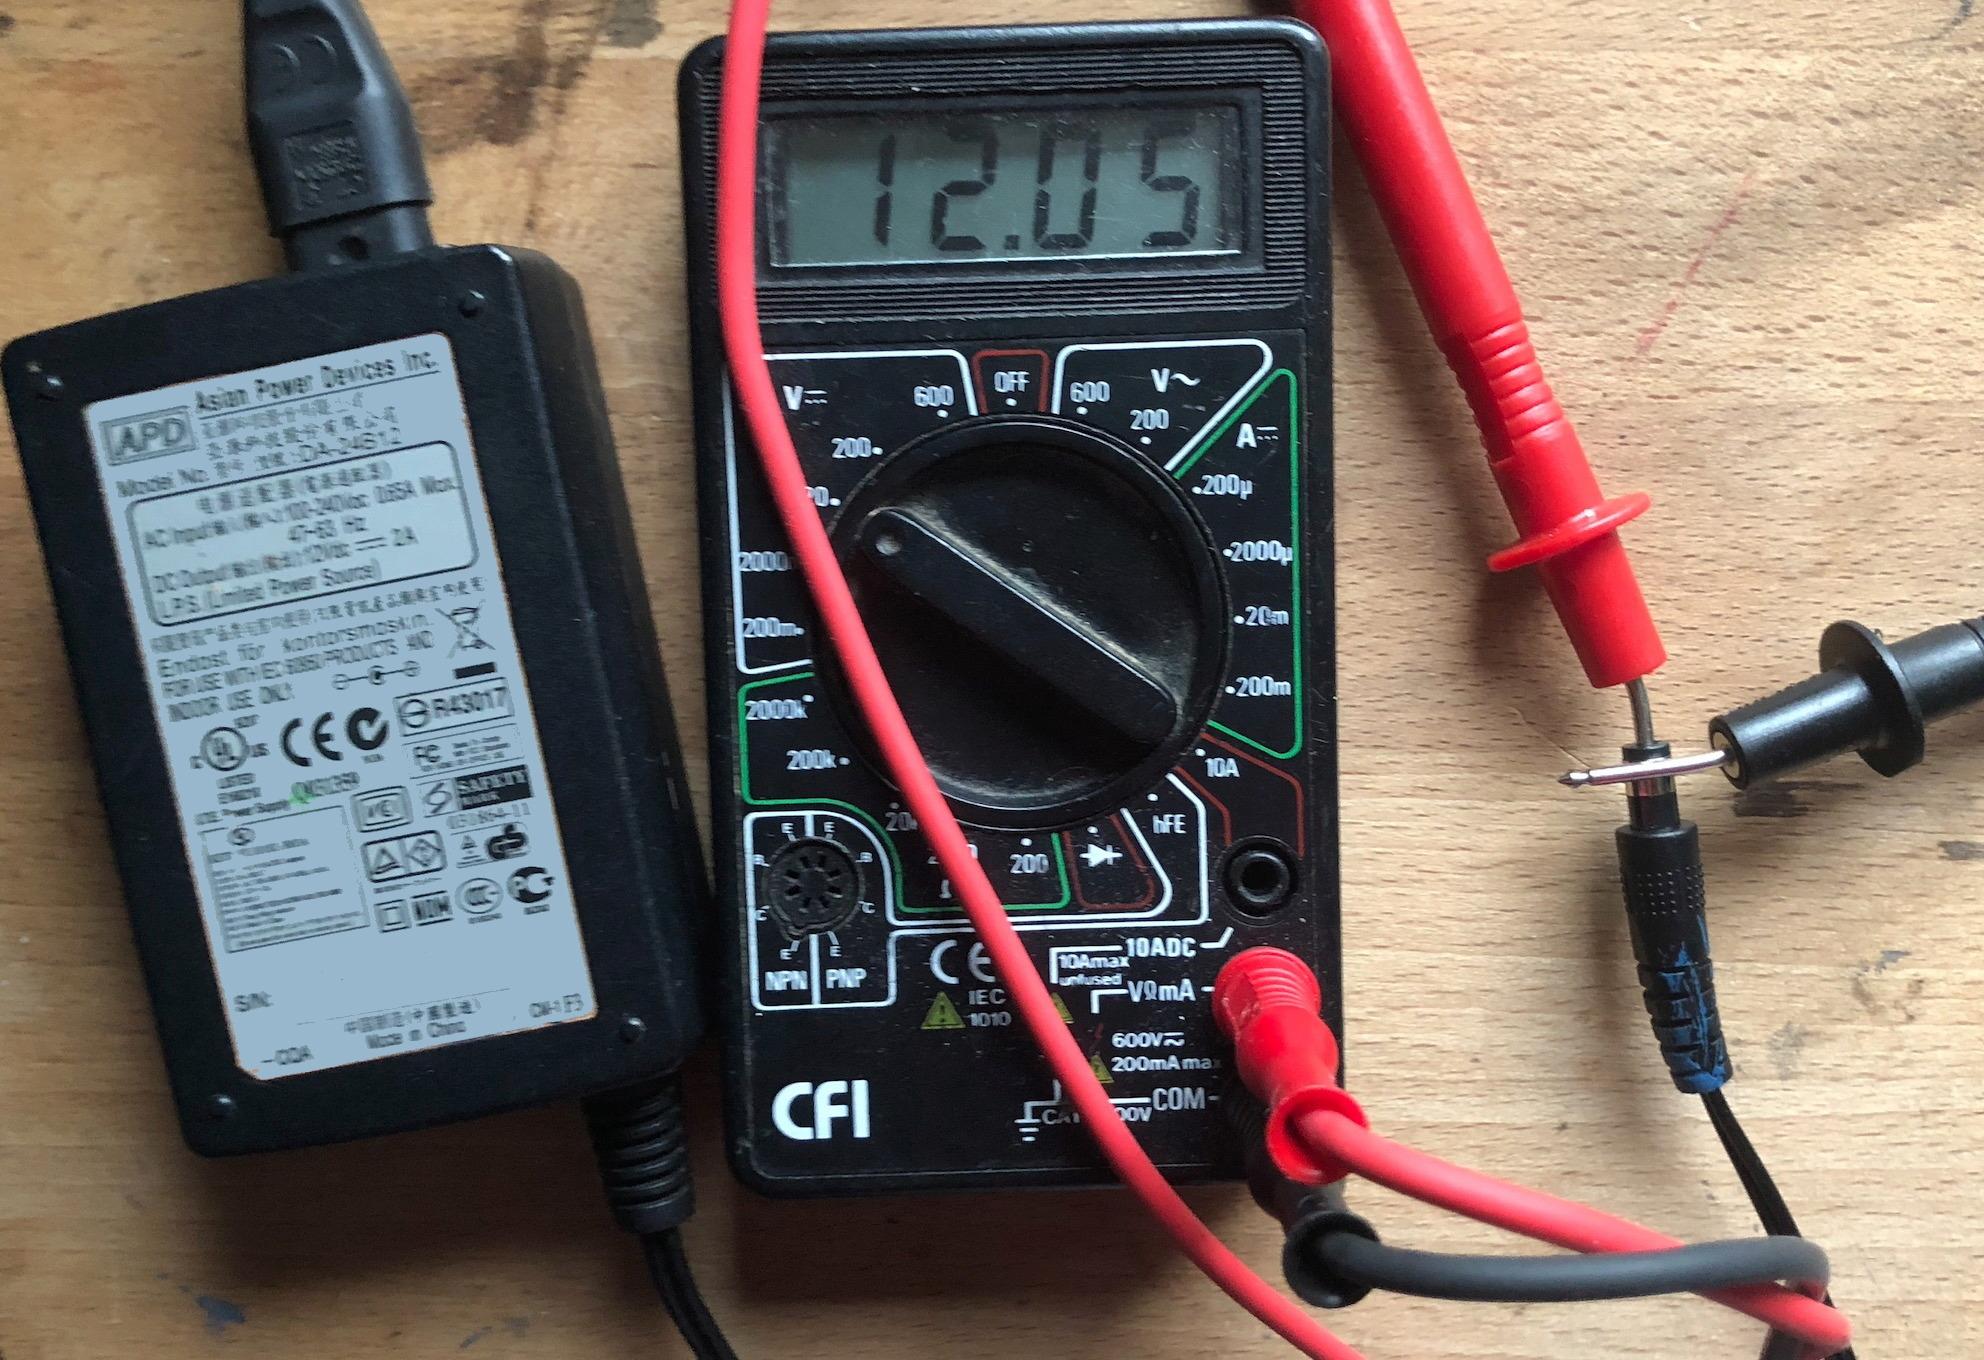 Electronique, récupération, réparation, maintenance, fabrication de compos - Page 12 Captu220